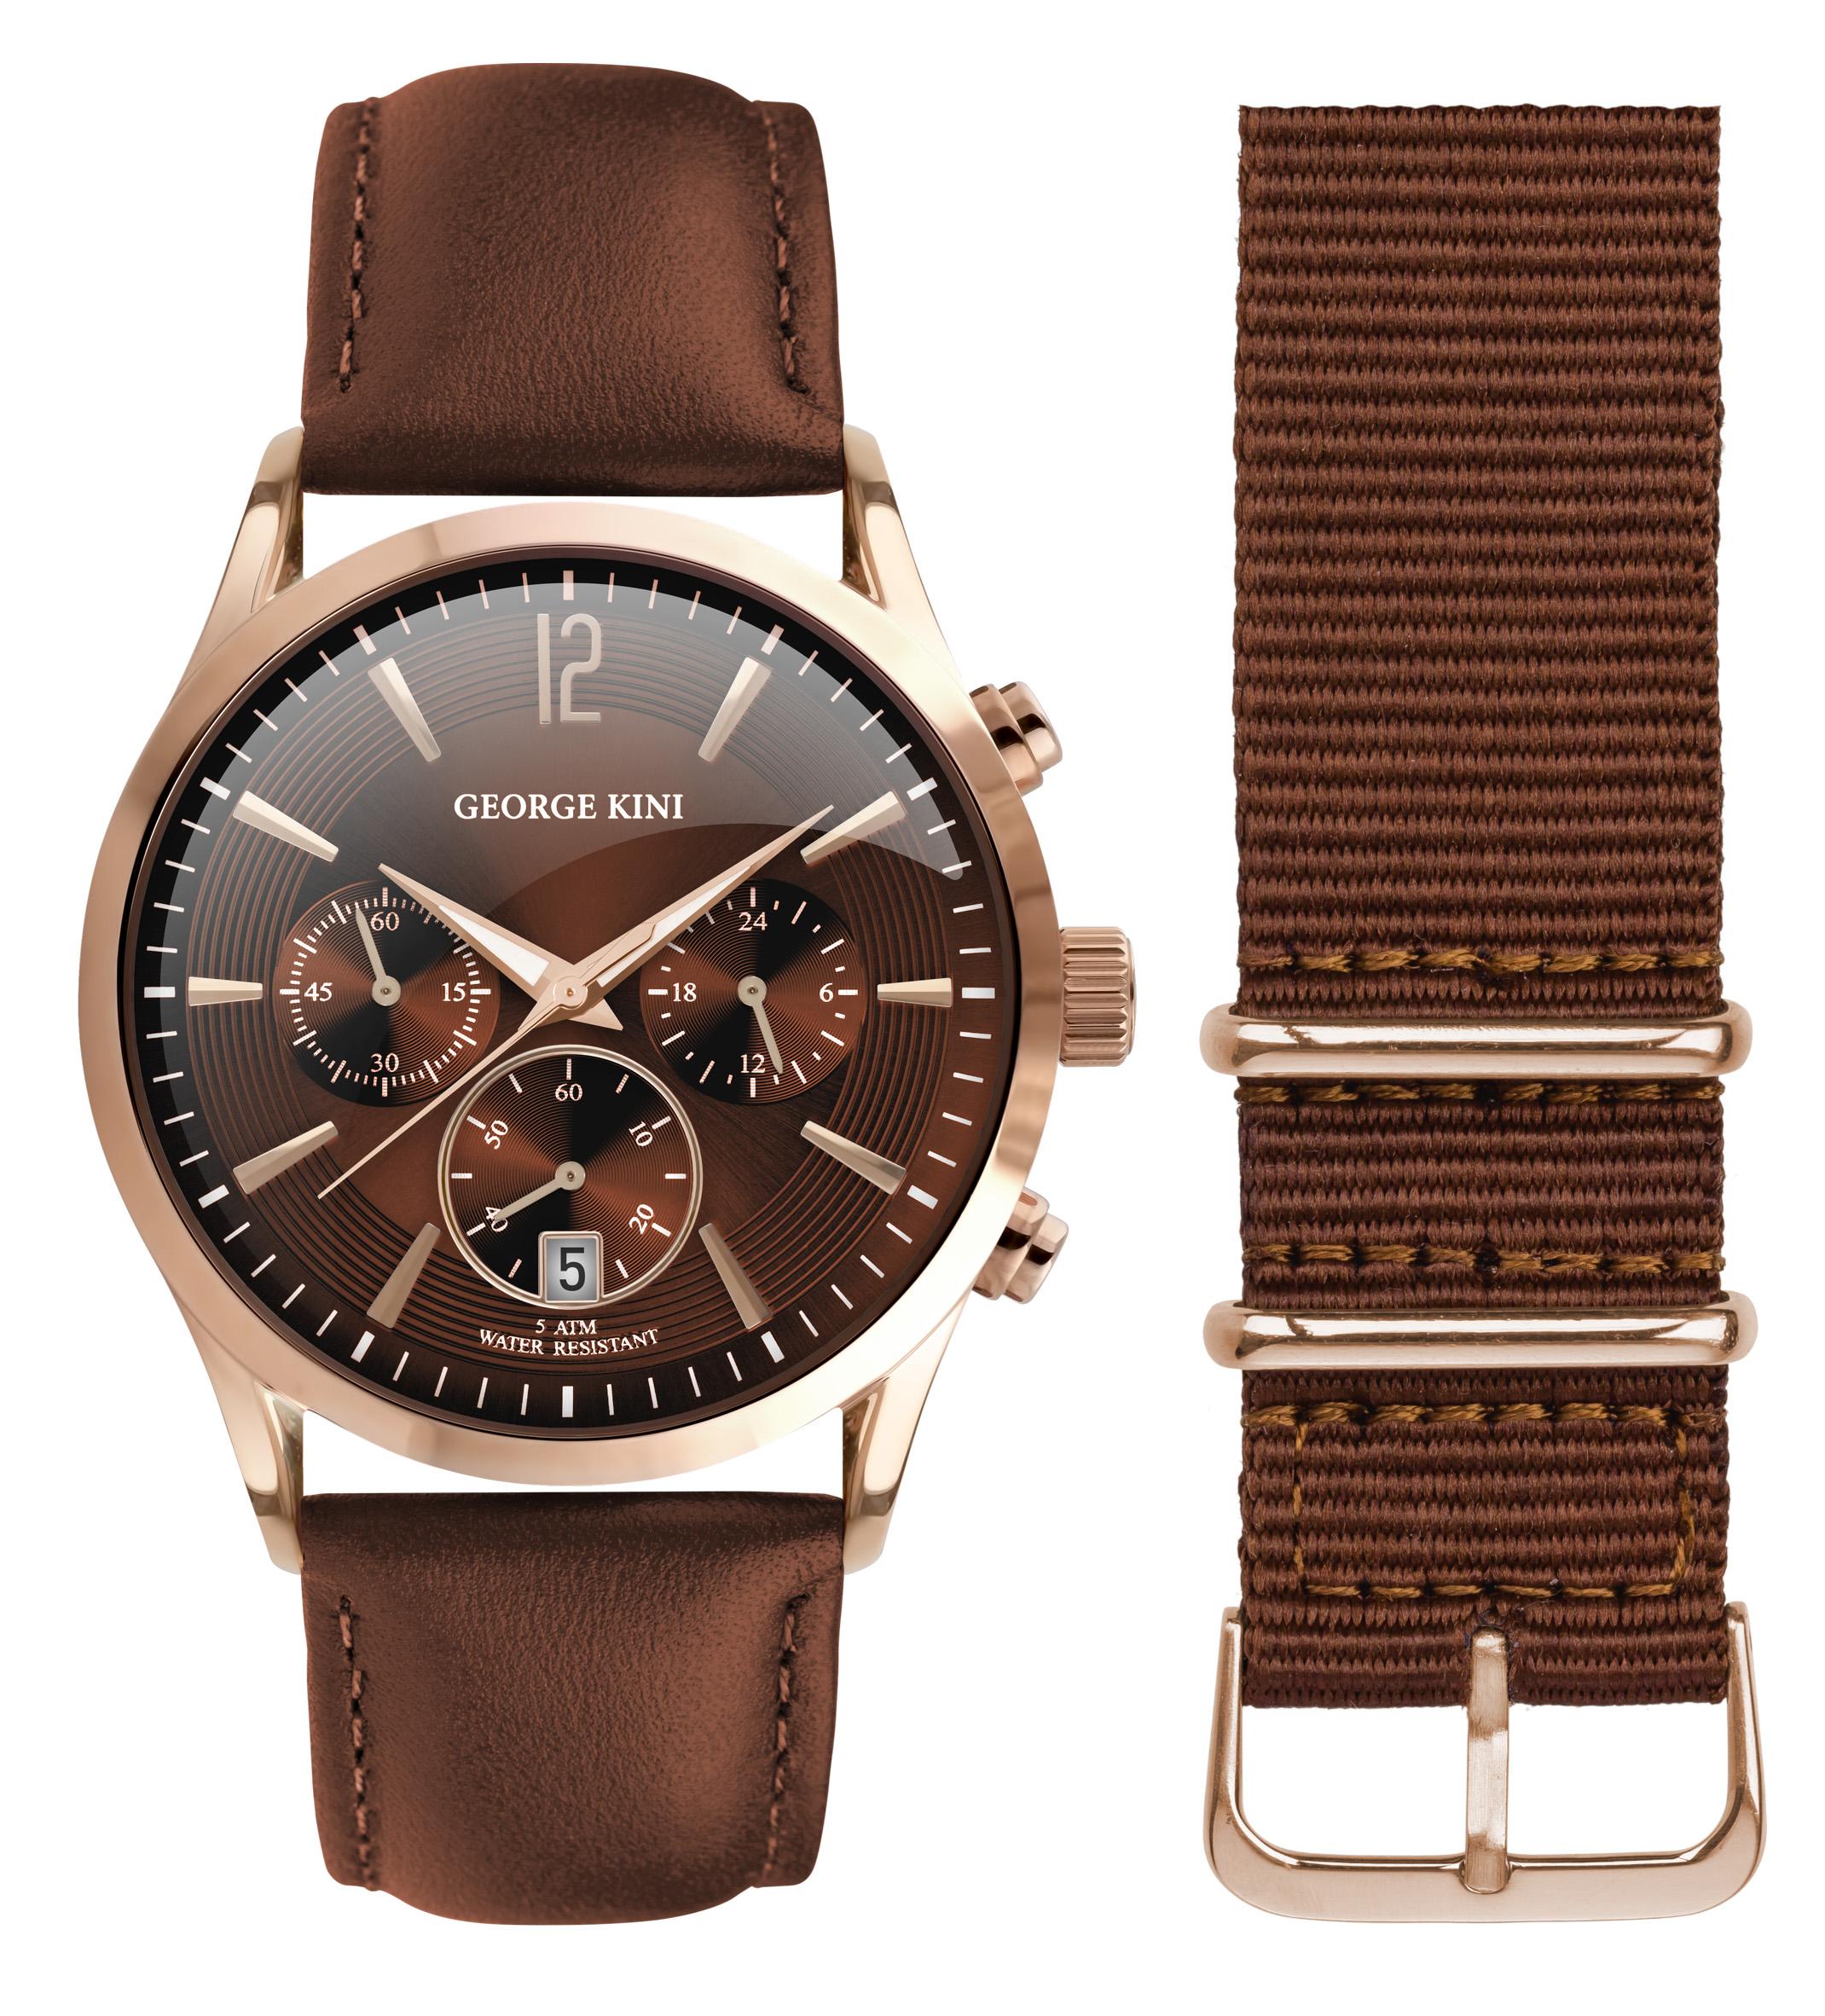 Наручные часы мужские George Kini GK.12.3.6R.112